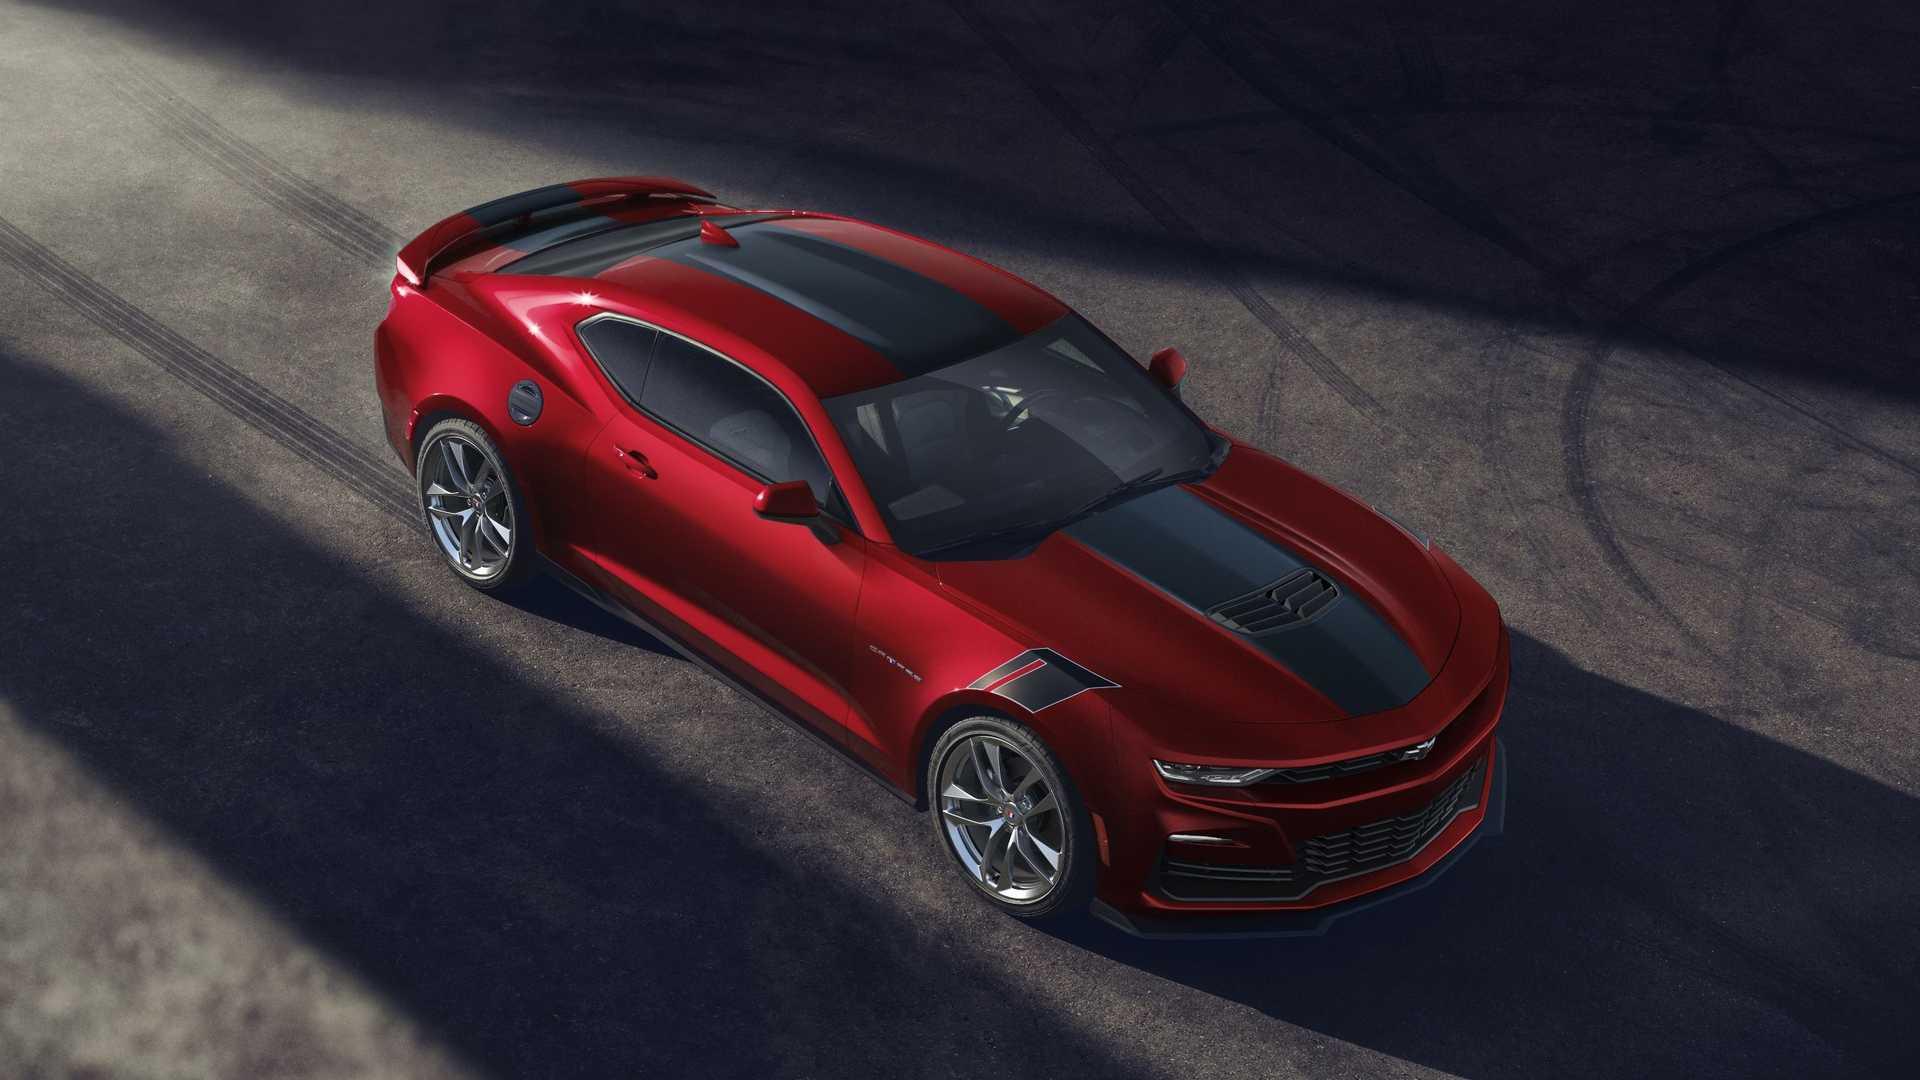 Накануне стало известно, что судьба Chevrolet Camaro может оказаться не такой, как ожидает большинство людей. Как сообщает Automotive News, легендарное купе заменят новым электрическим седаном.